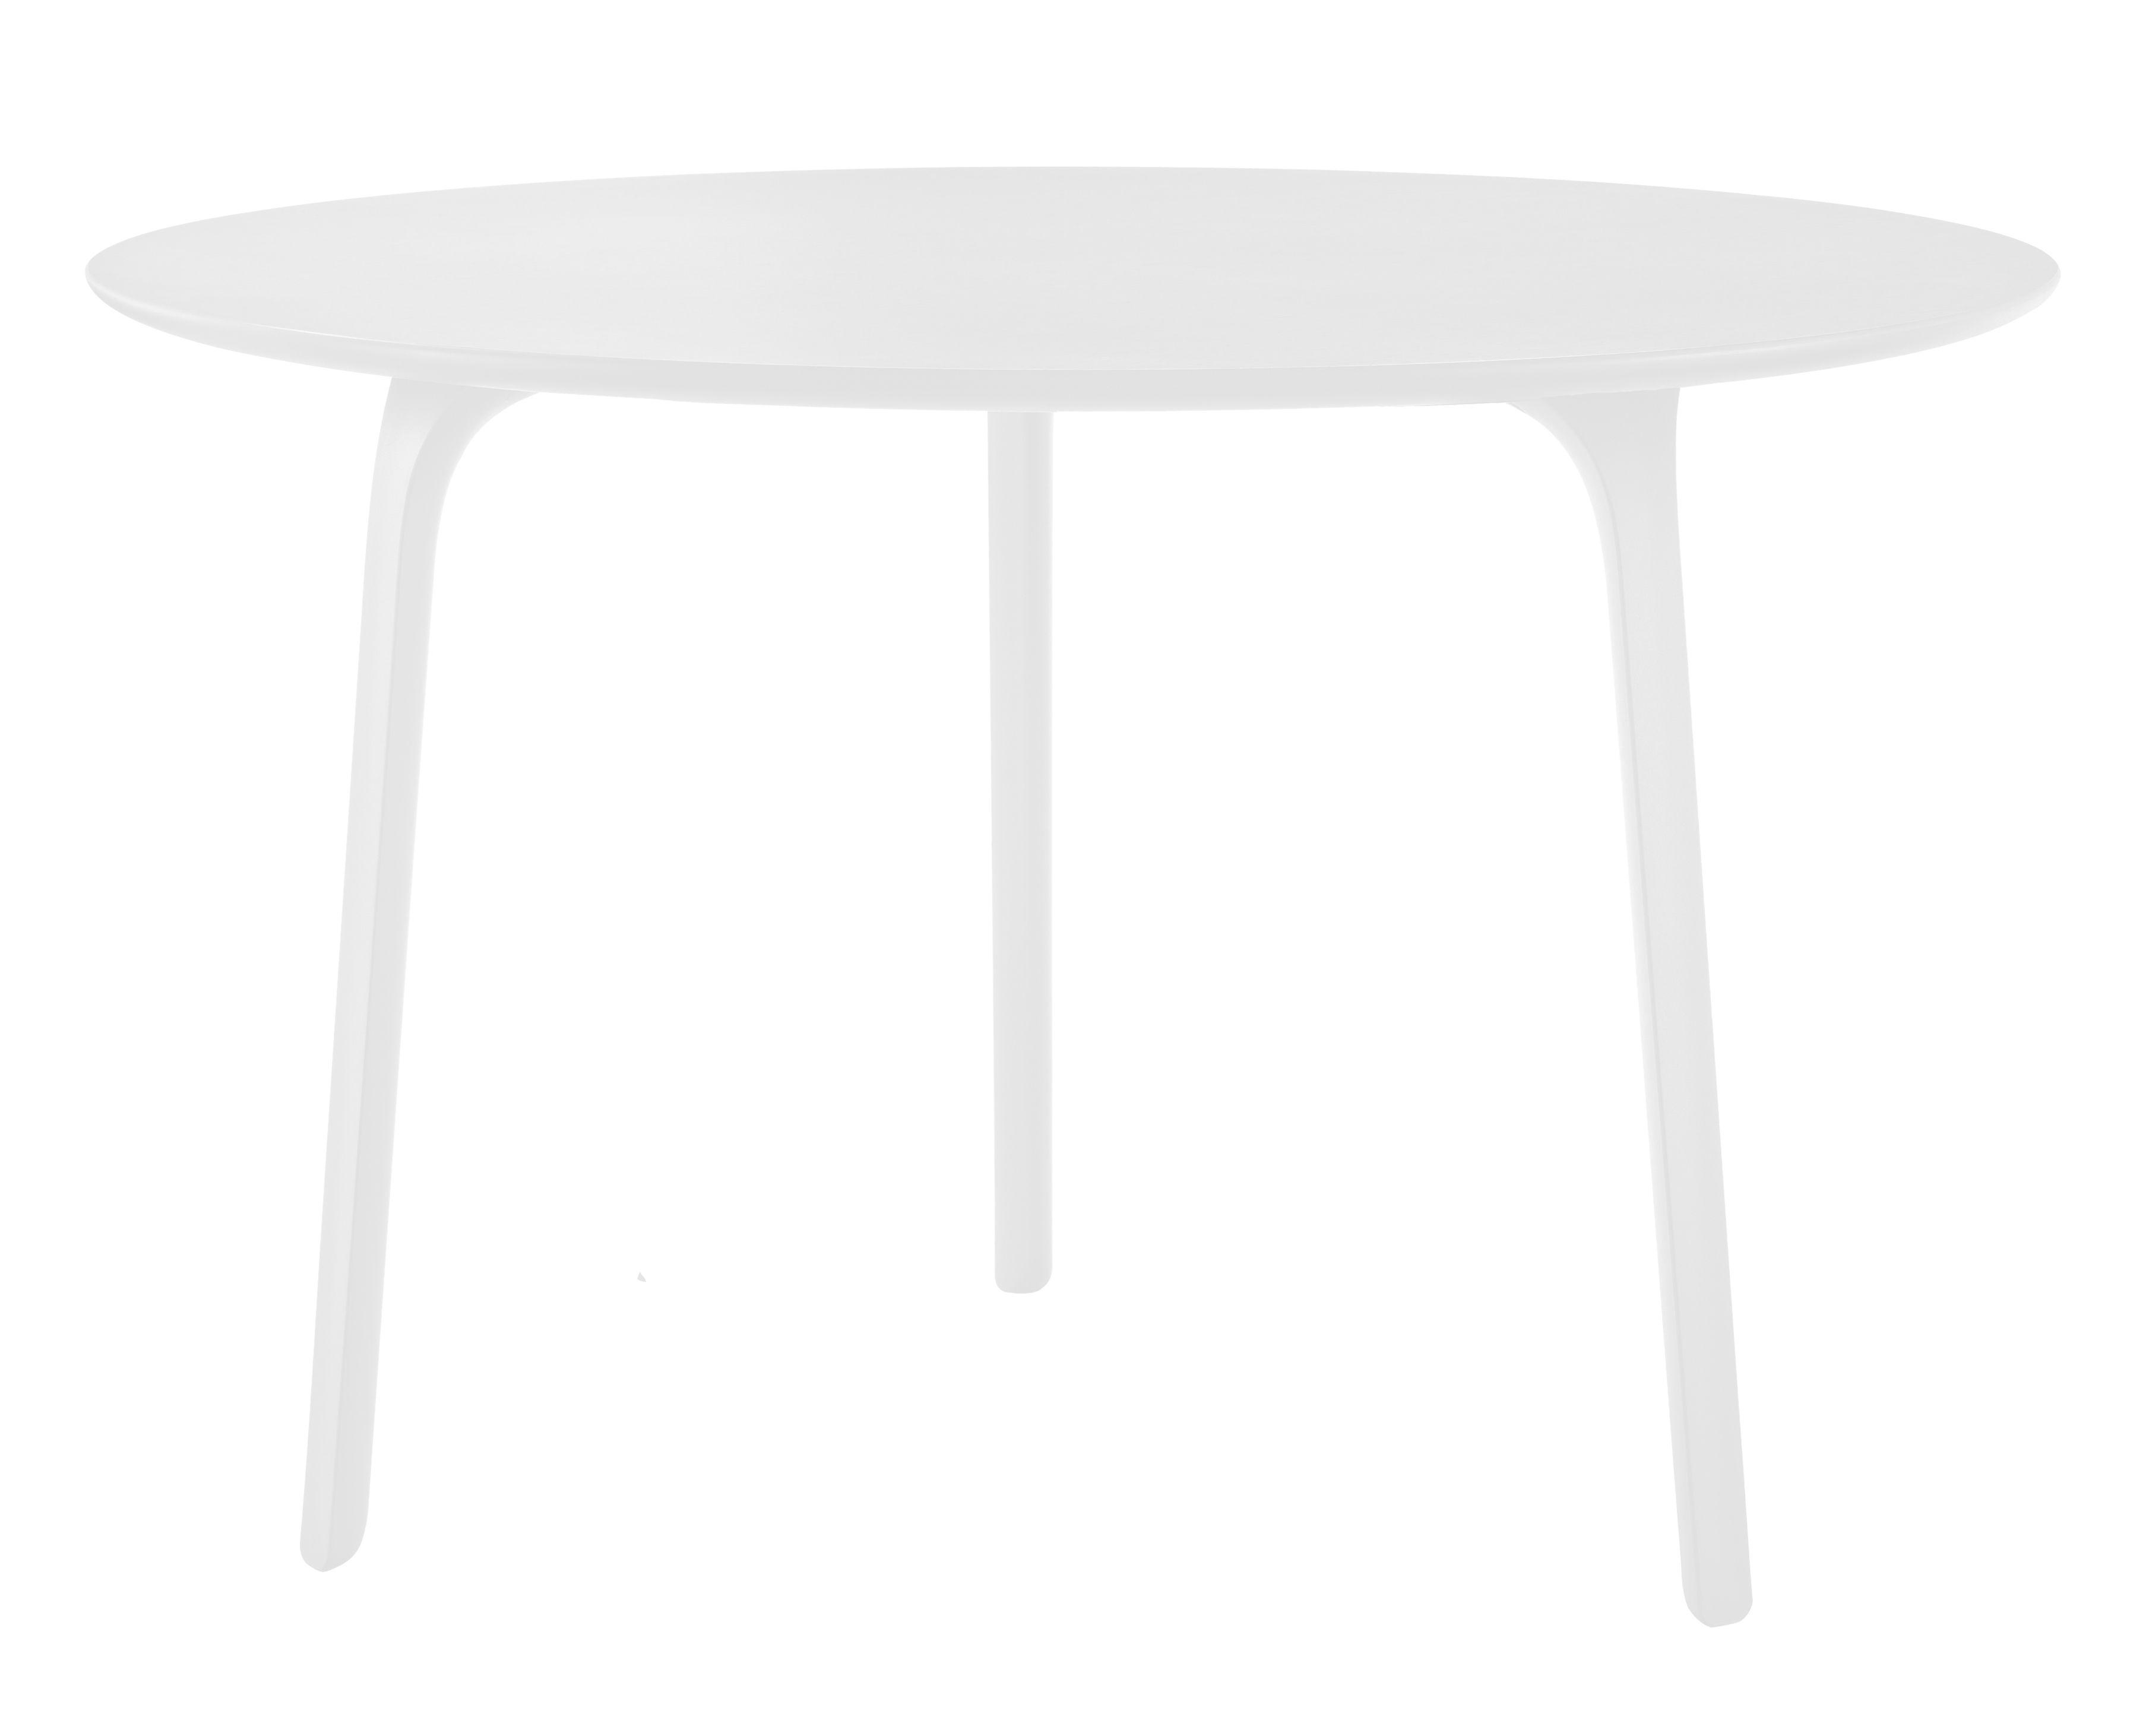 Mobilier - Tables - Table ronde First / Ø 80 - Pour l'intérieur - Magis - Pieds blancs / plateau blanc - MDF verni, Polyamide